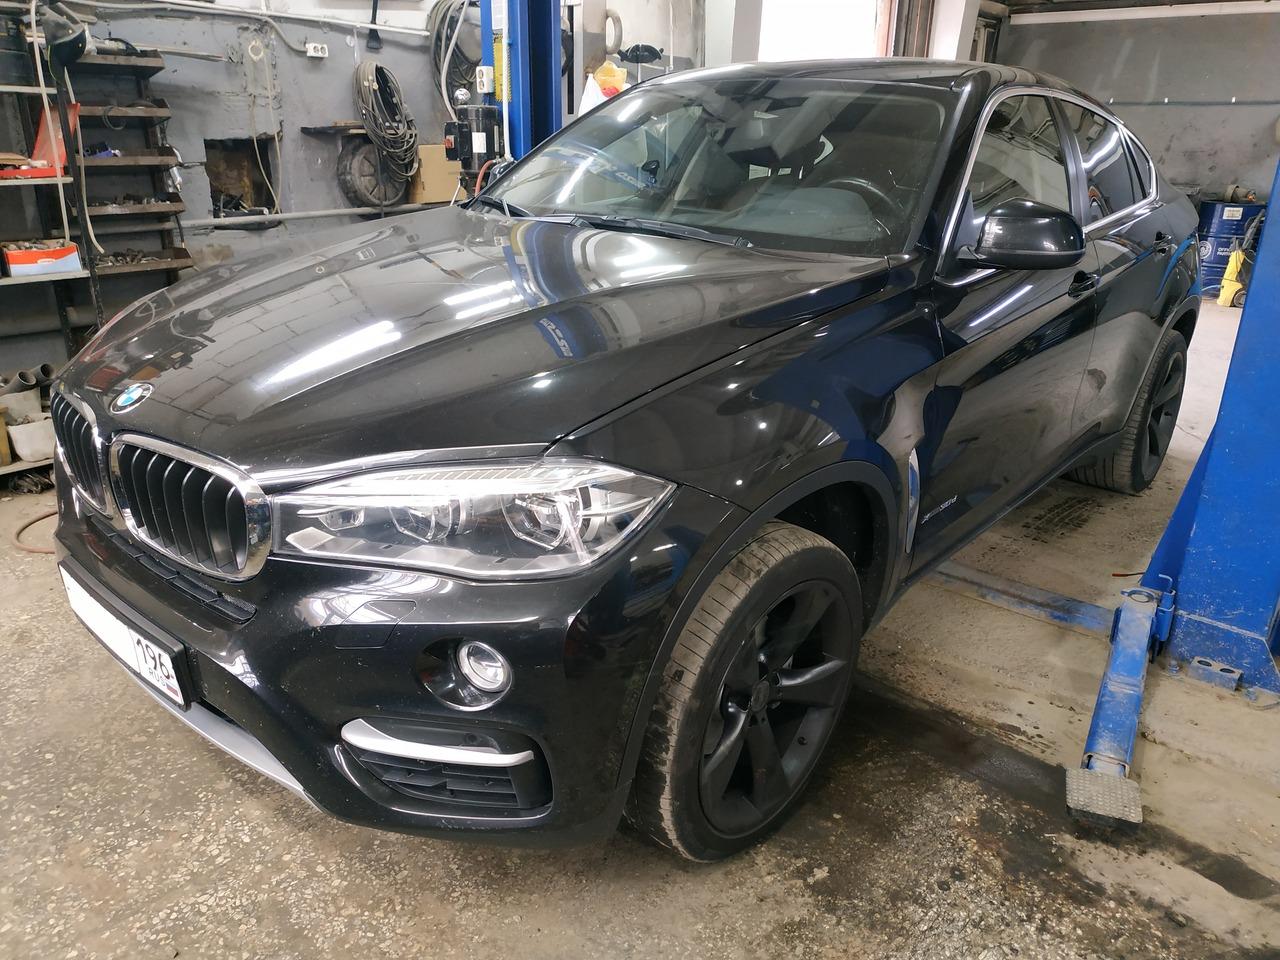 BMW X6 F16 30d 2017 г.в., замена колодок и дисков